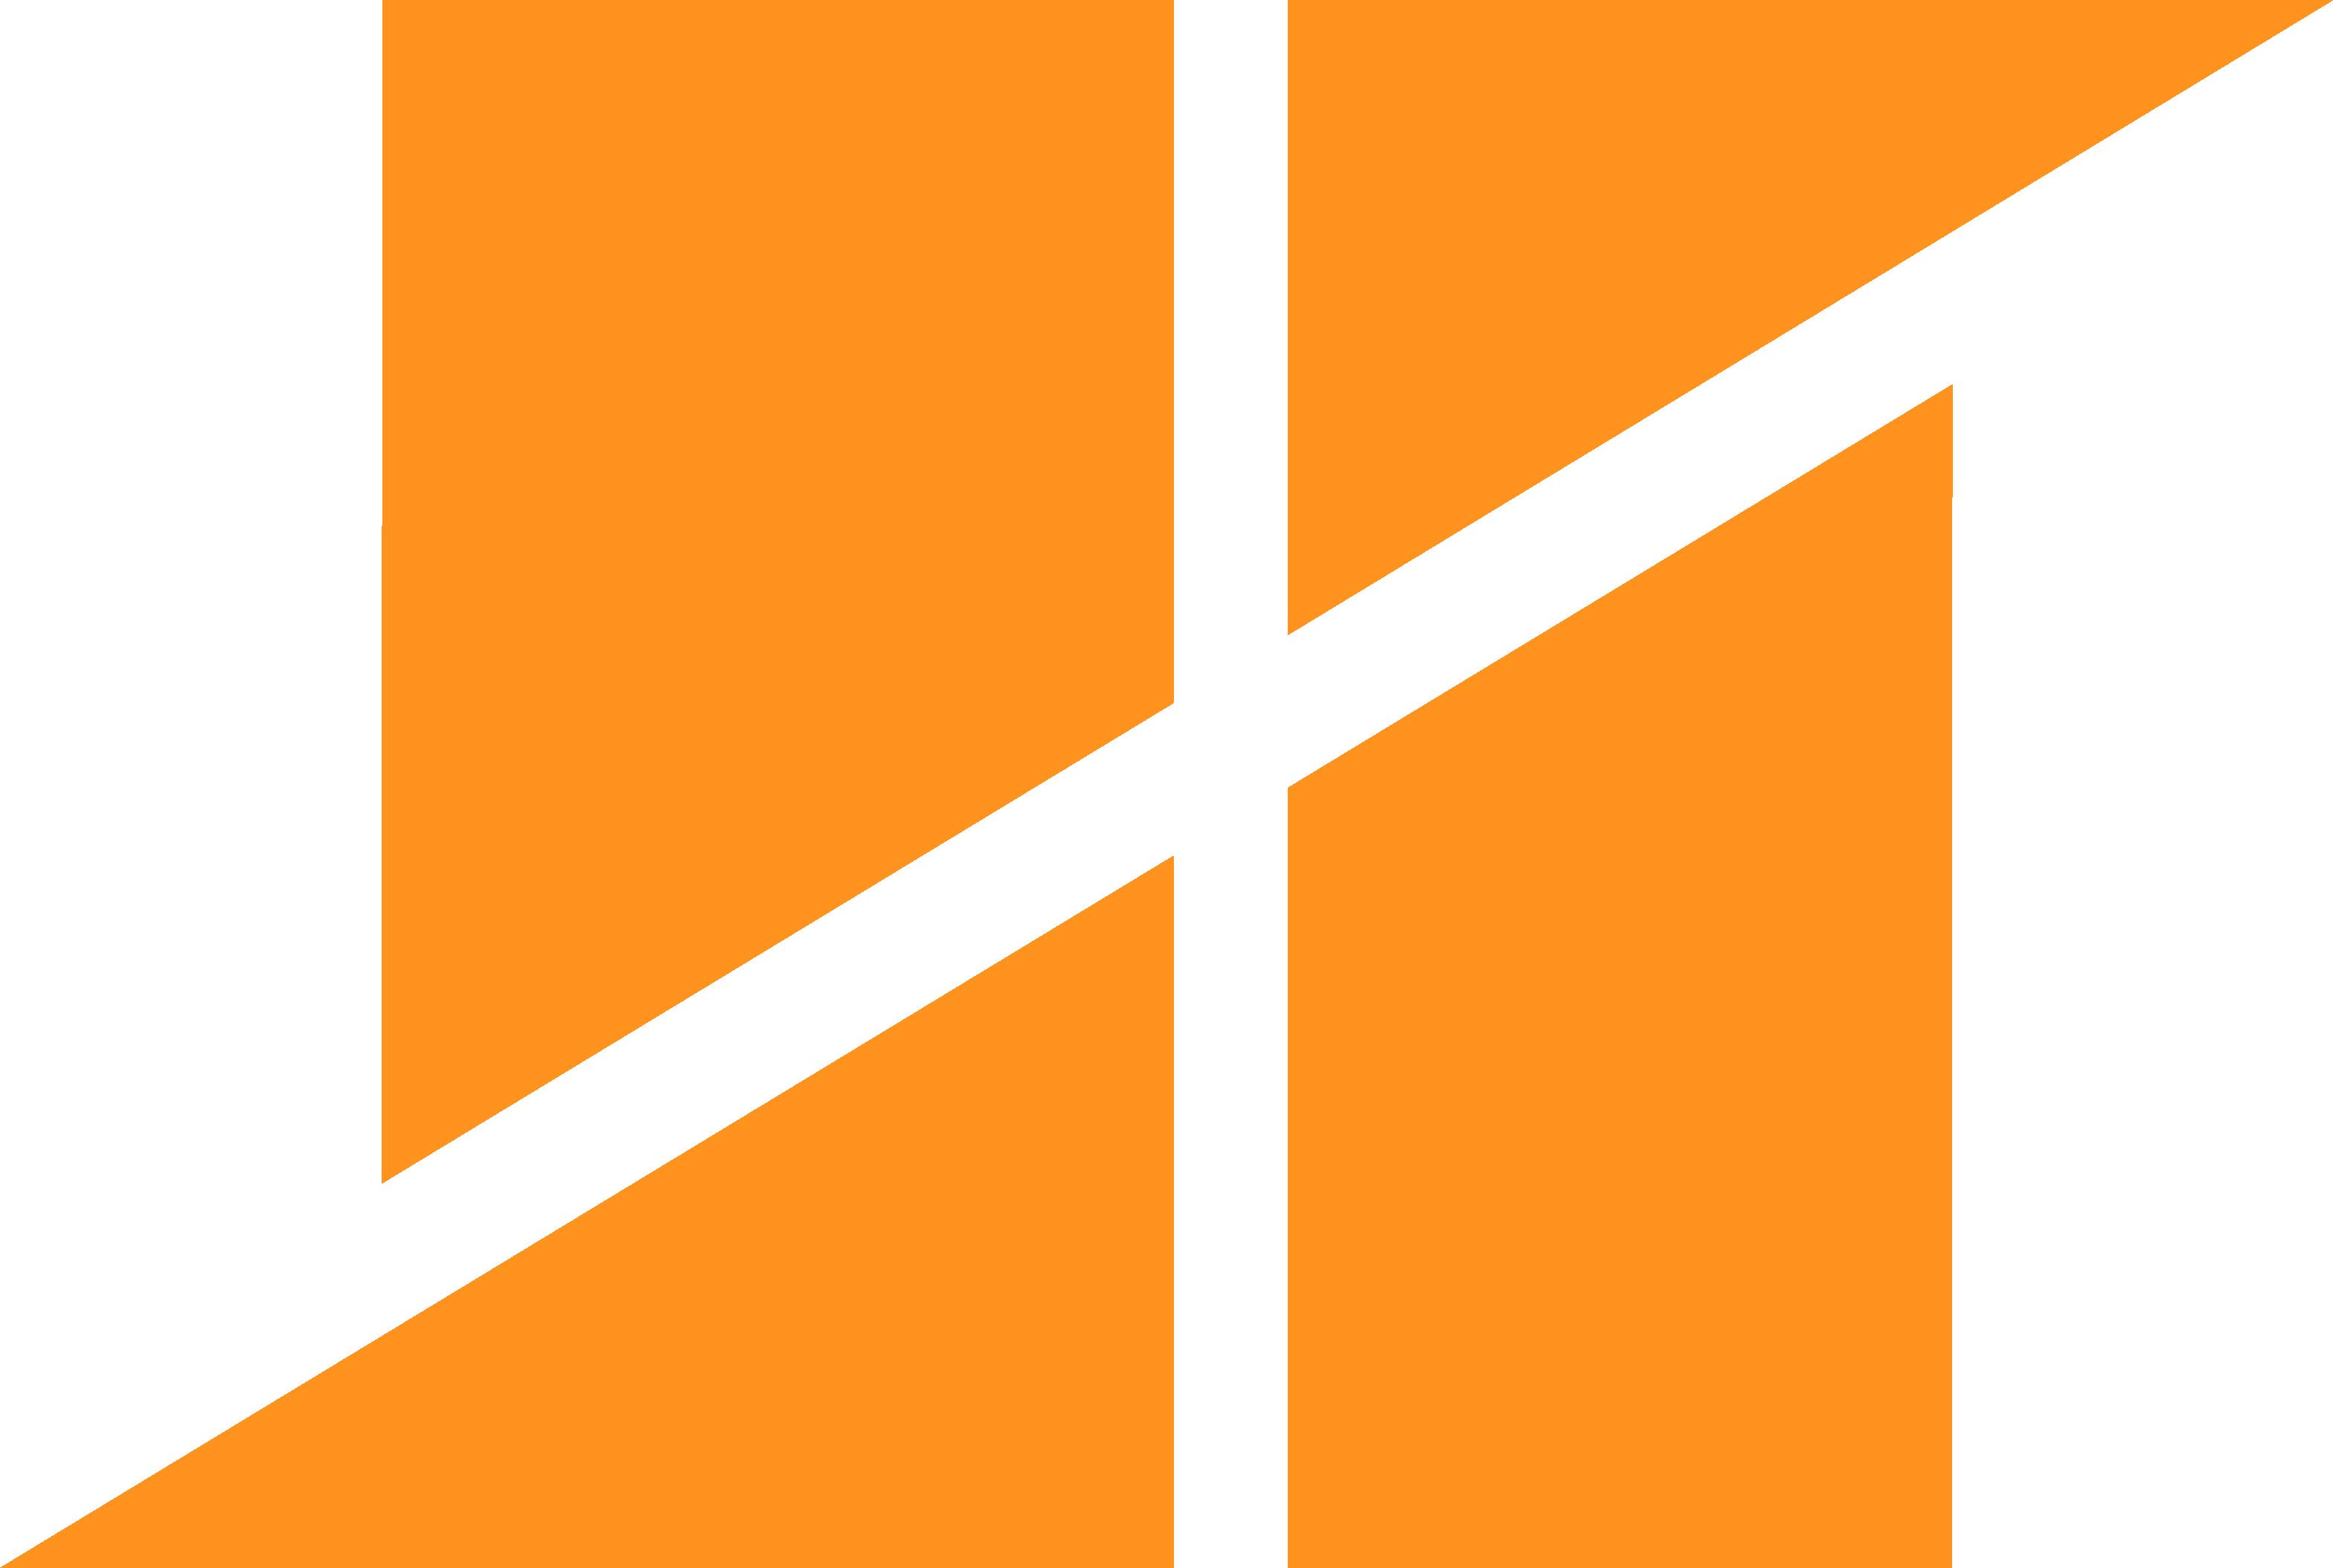 Sqwobble logo transparent in orange